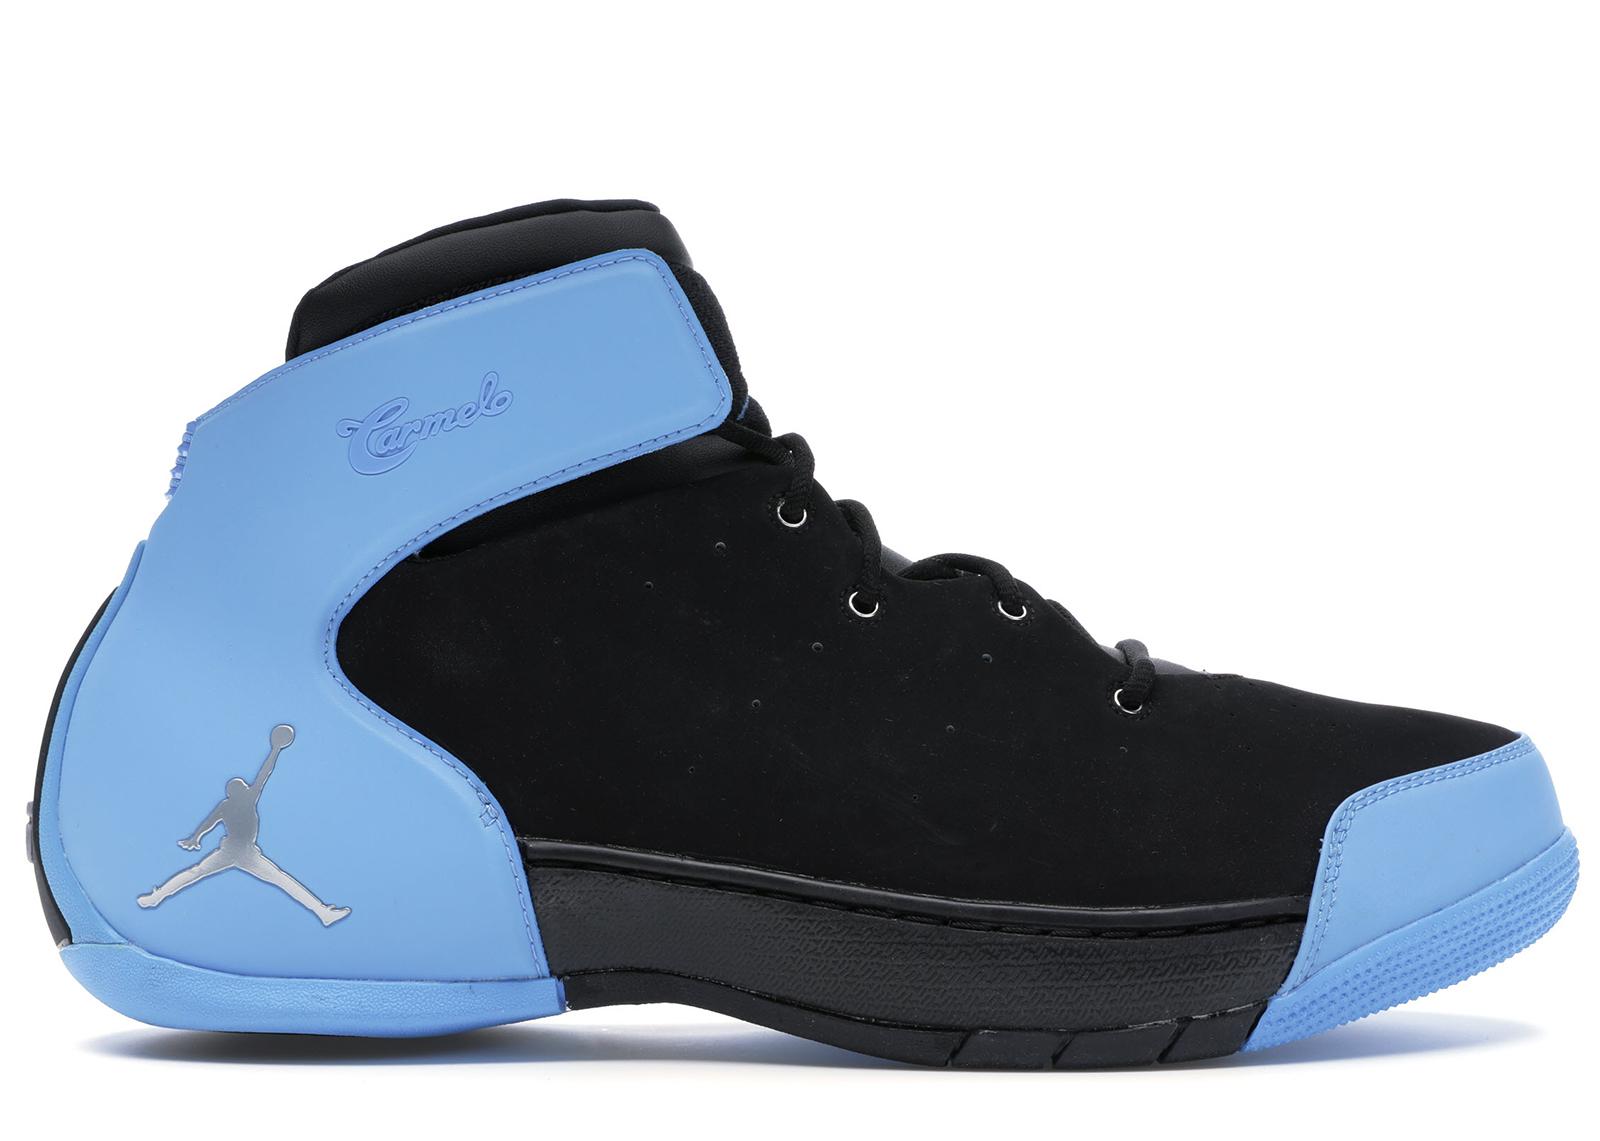 Nike Jordan Melo 1.5 Black University